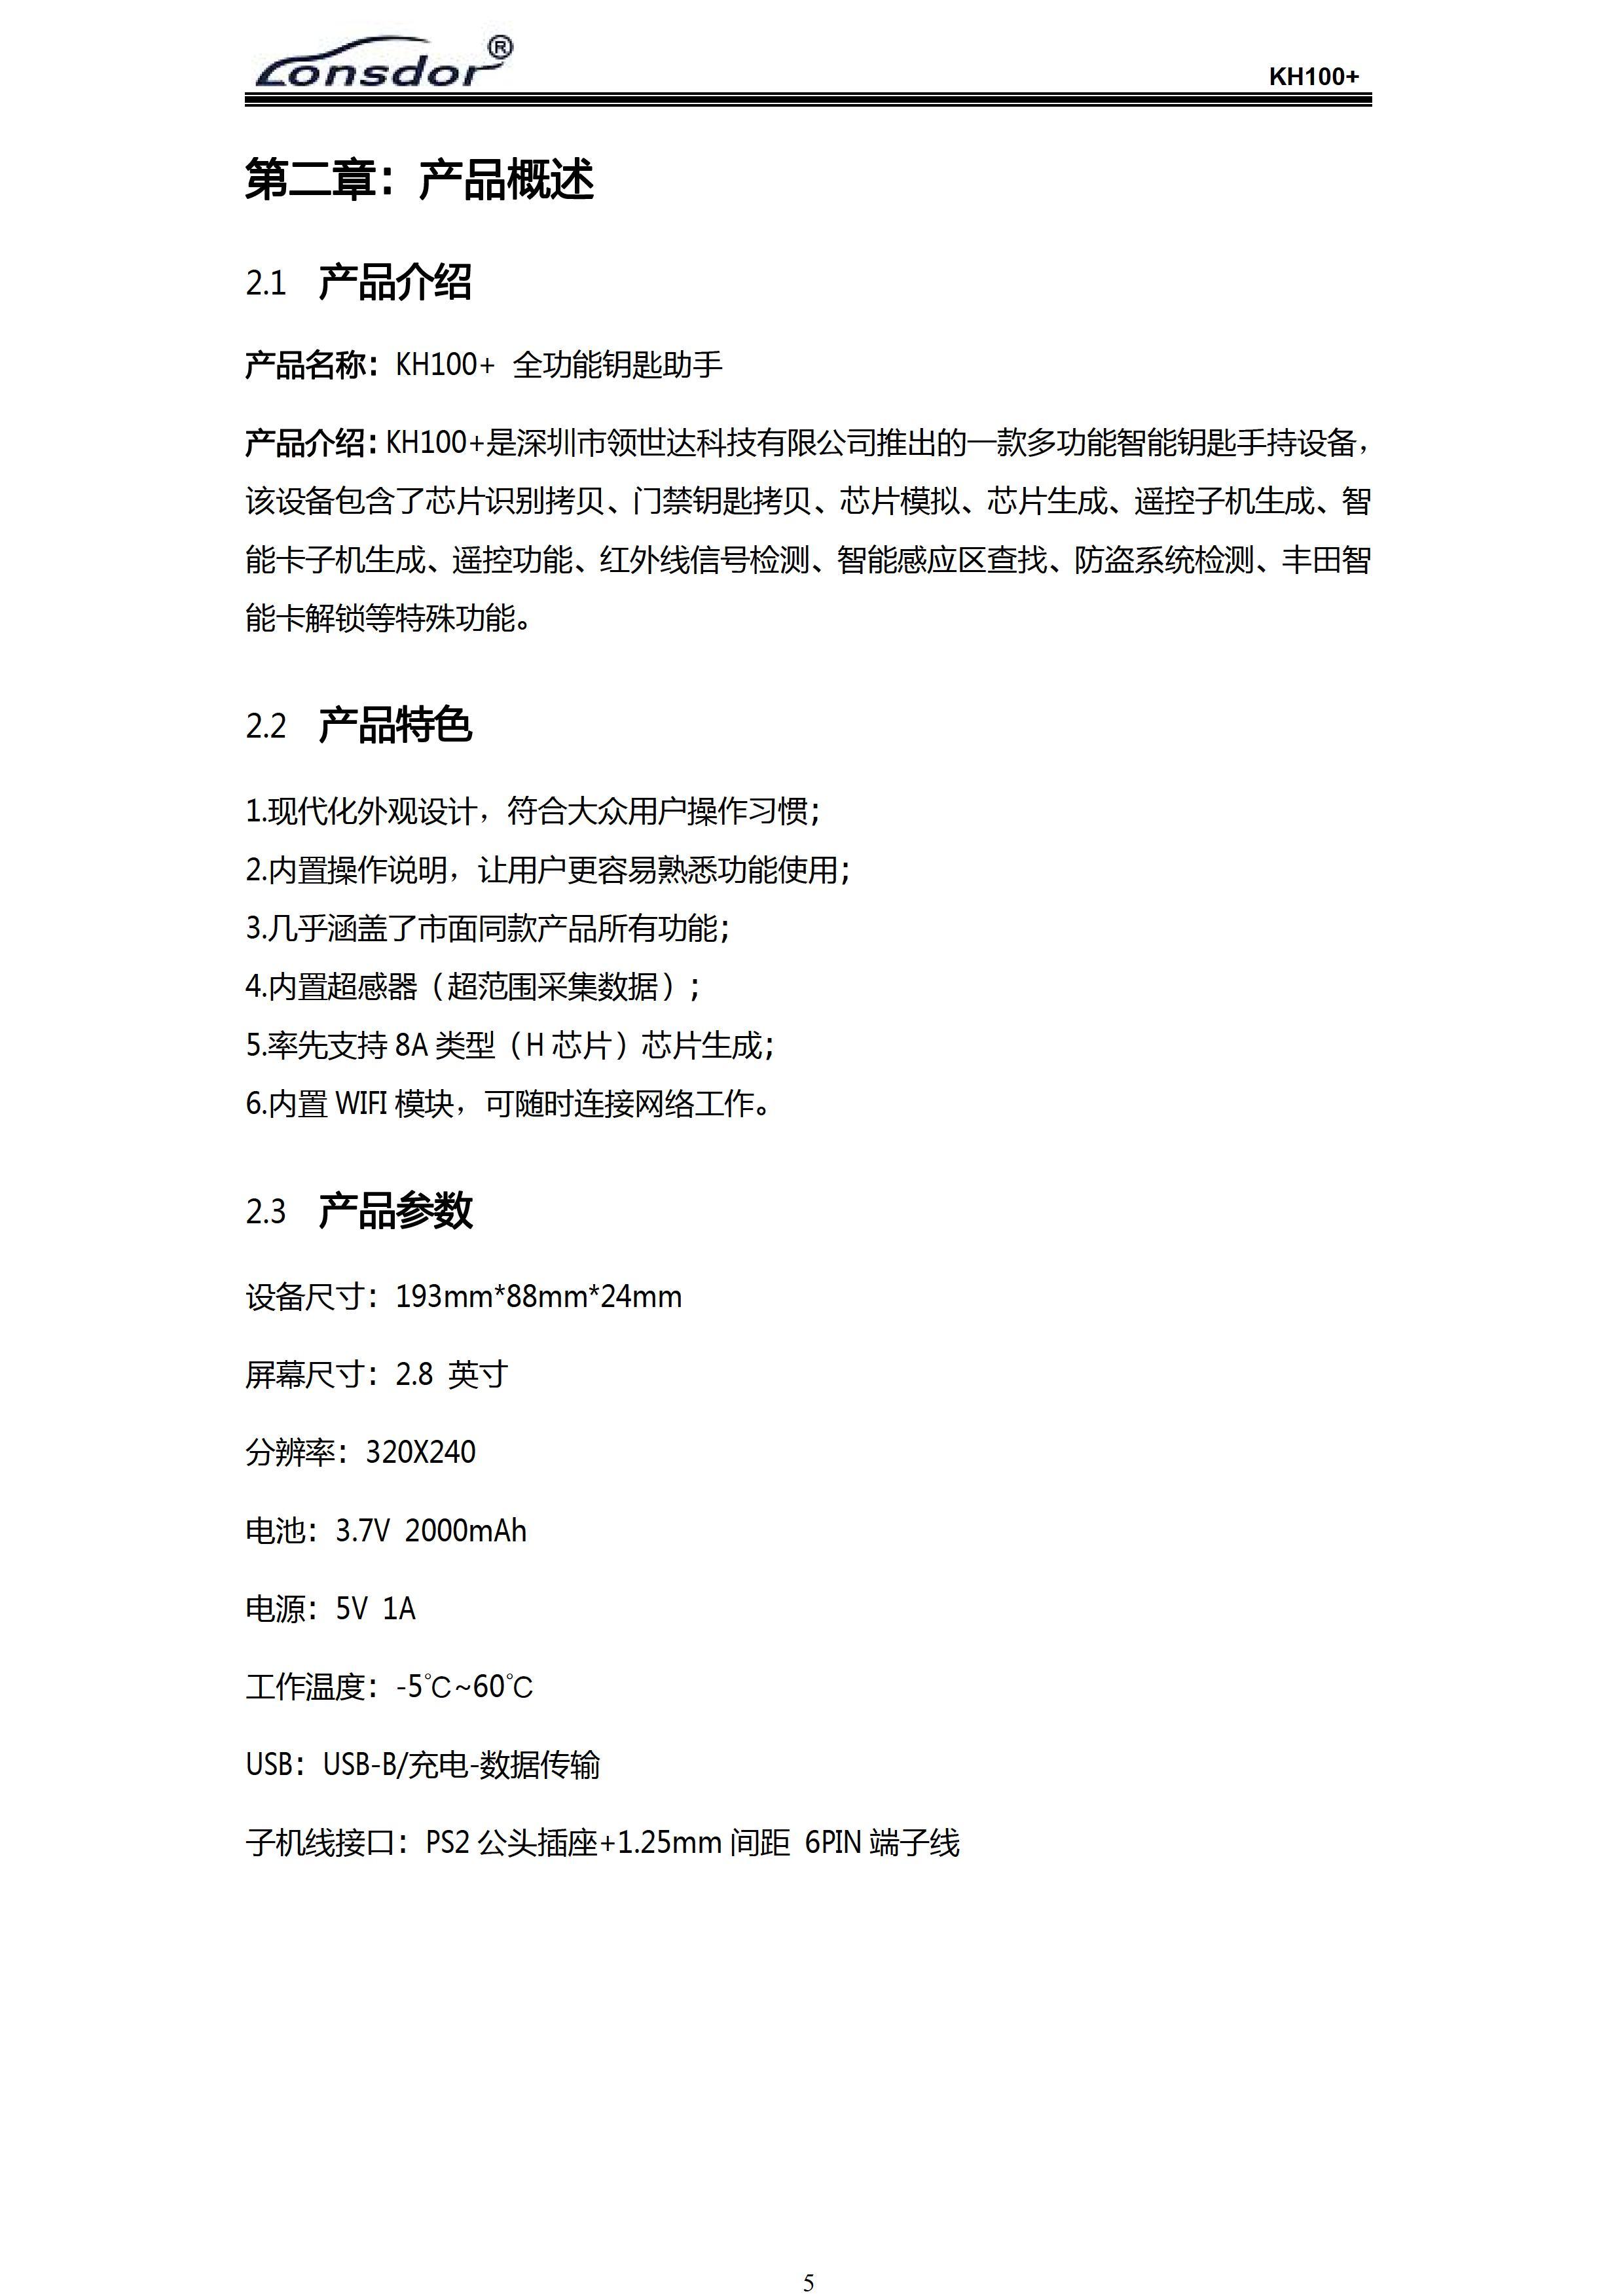 KH100说明书(110mmX75mm彩色印刷)正式版20200318 - 0006